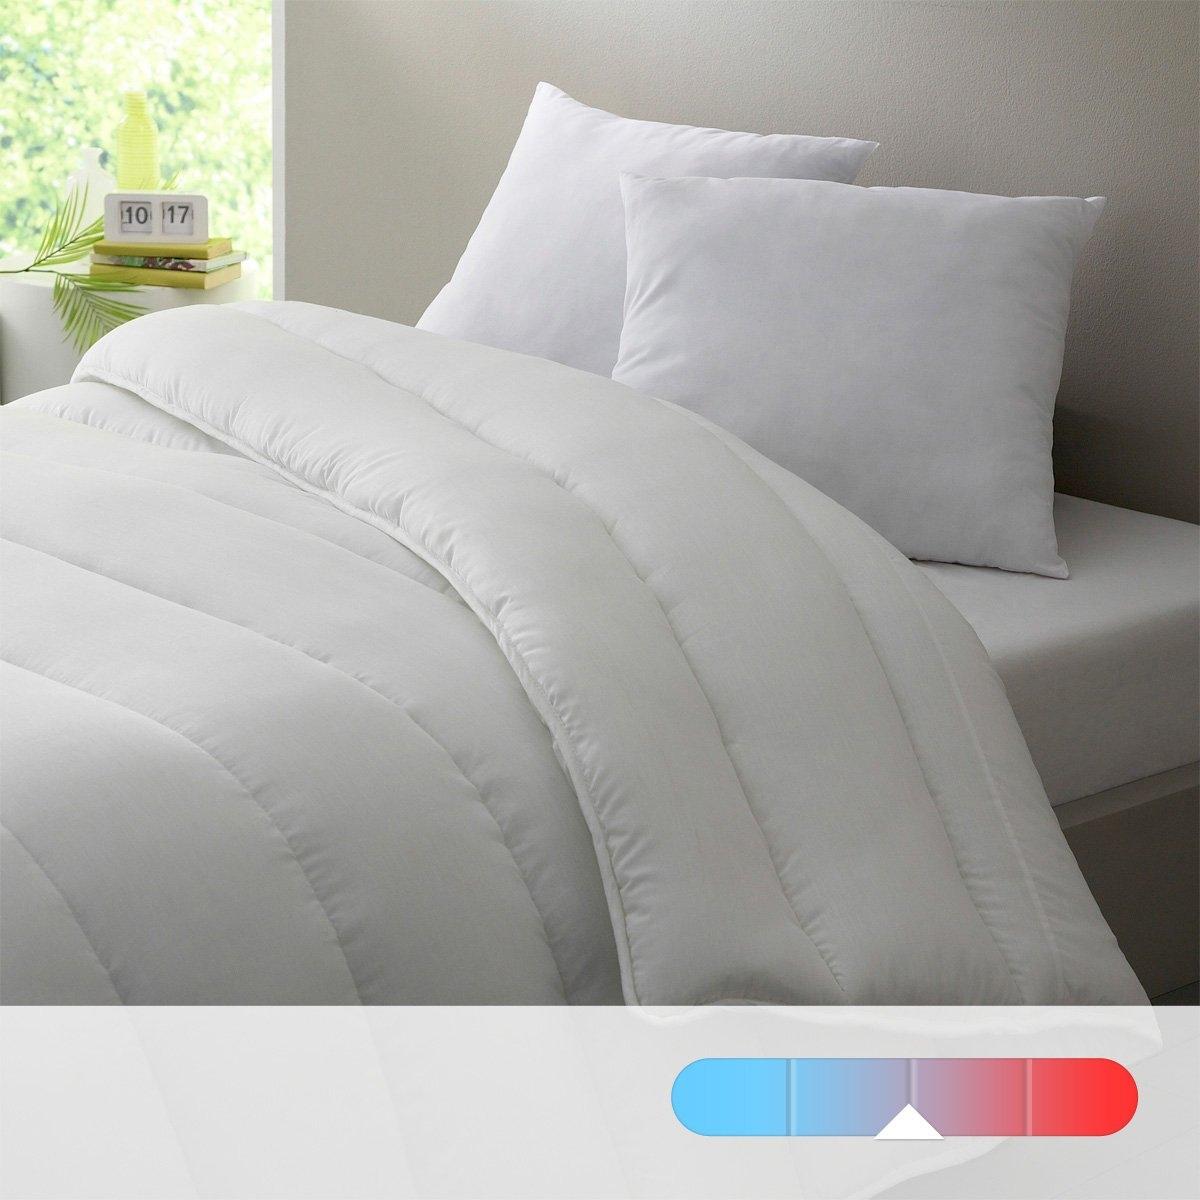 Одеяло из синтетики, 300 г/м?Превосходное соотношение цена/качество! Чехол из 100% полиэстера. Наполнитель: полые силиконизированные волокна полиэстера. Отделка кантом. Стежка косыми линиями. 300 г/м?. Легкое одеяло идеально подходит для отапливаемых помешщений с температурой от 15° до 20°. Стирка при 30°.<br><br>Цвет: белый<br>Размер: 200 x 200  см